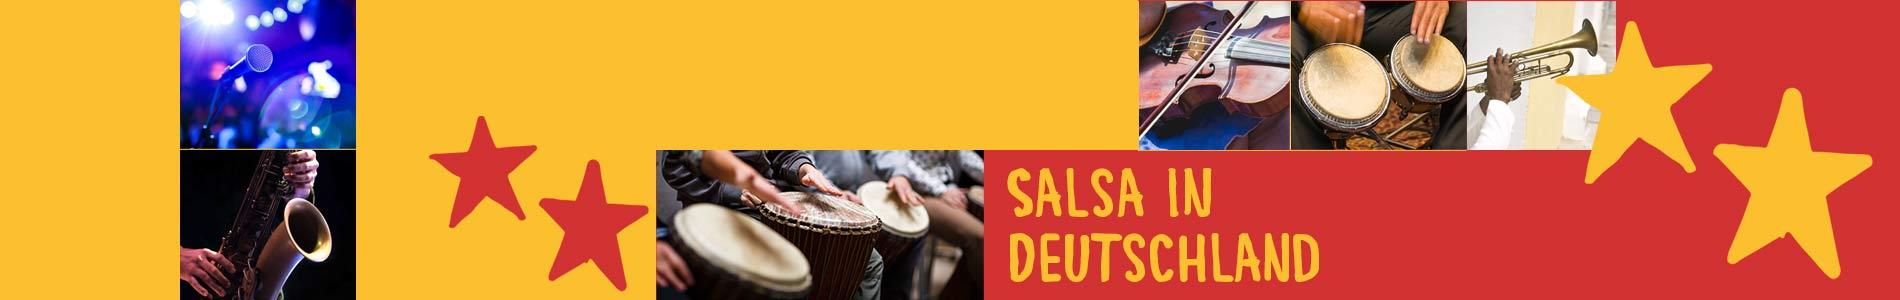 Salsa in Bordelum – Salsa lernen und tanzen, Tanzkurse, Partys, Veranstaltungen